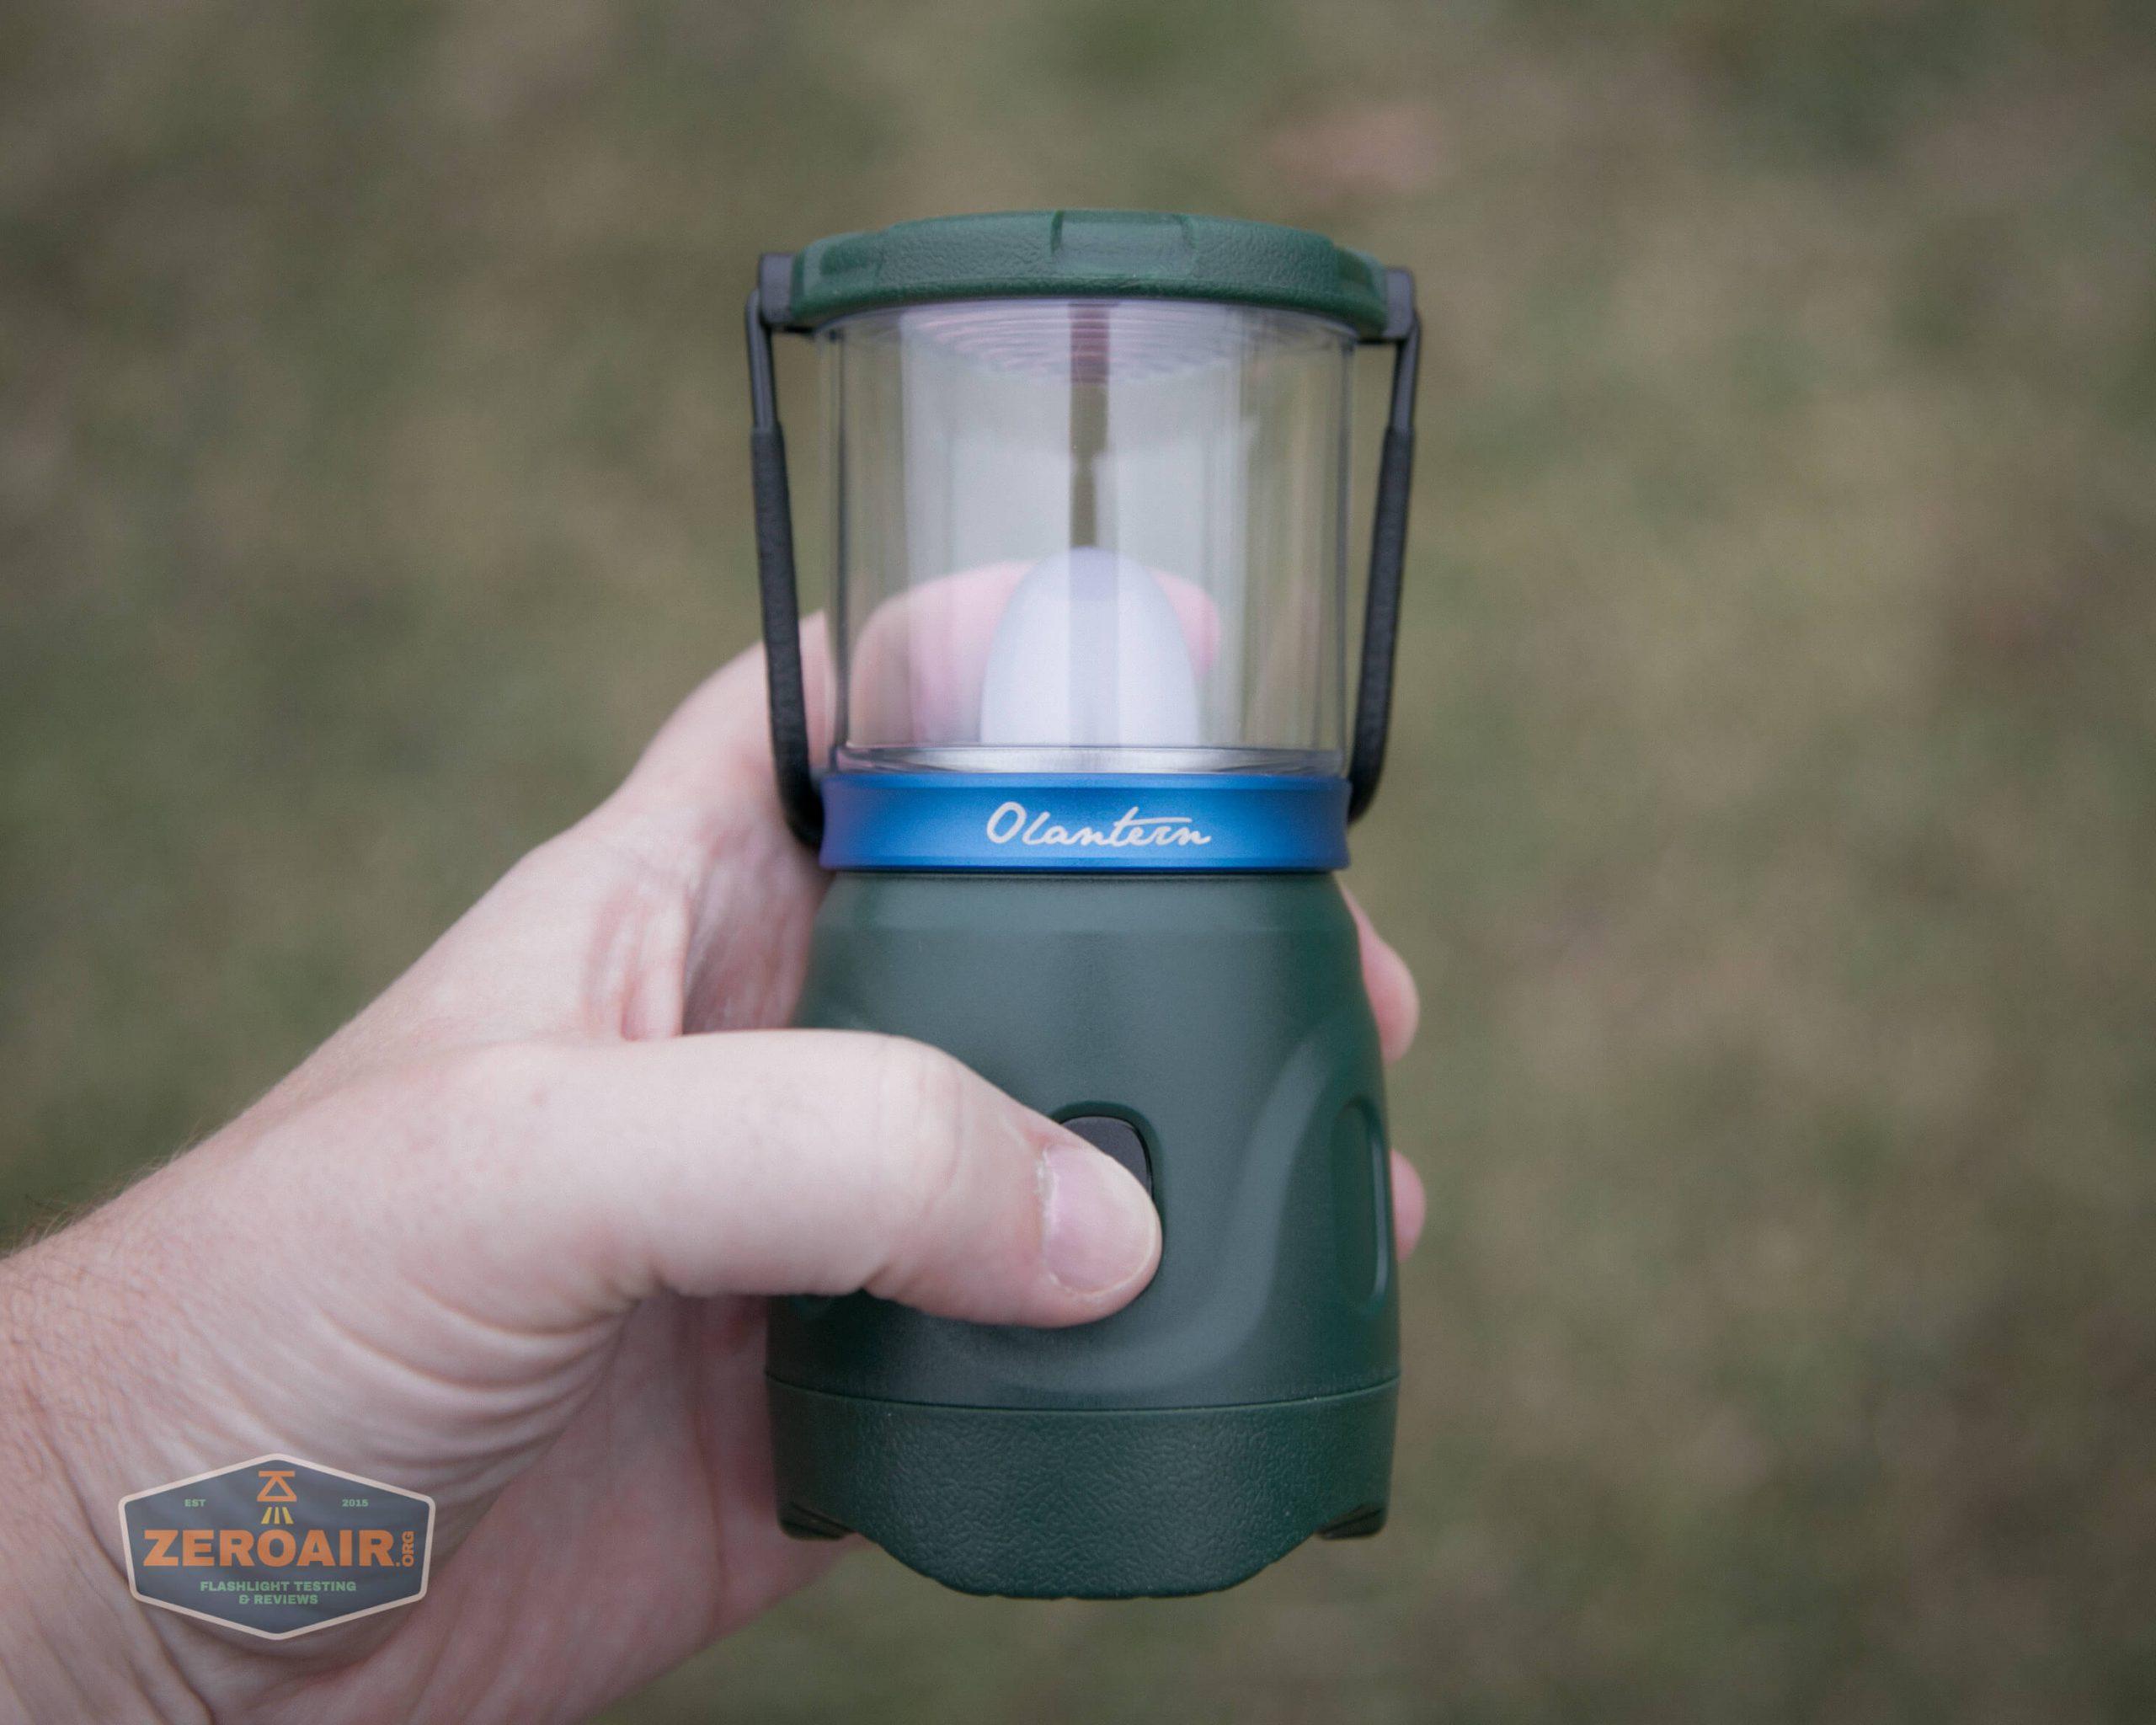 olight olantern lantern thumb on switch